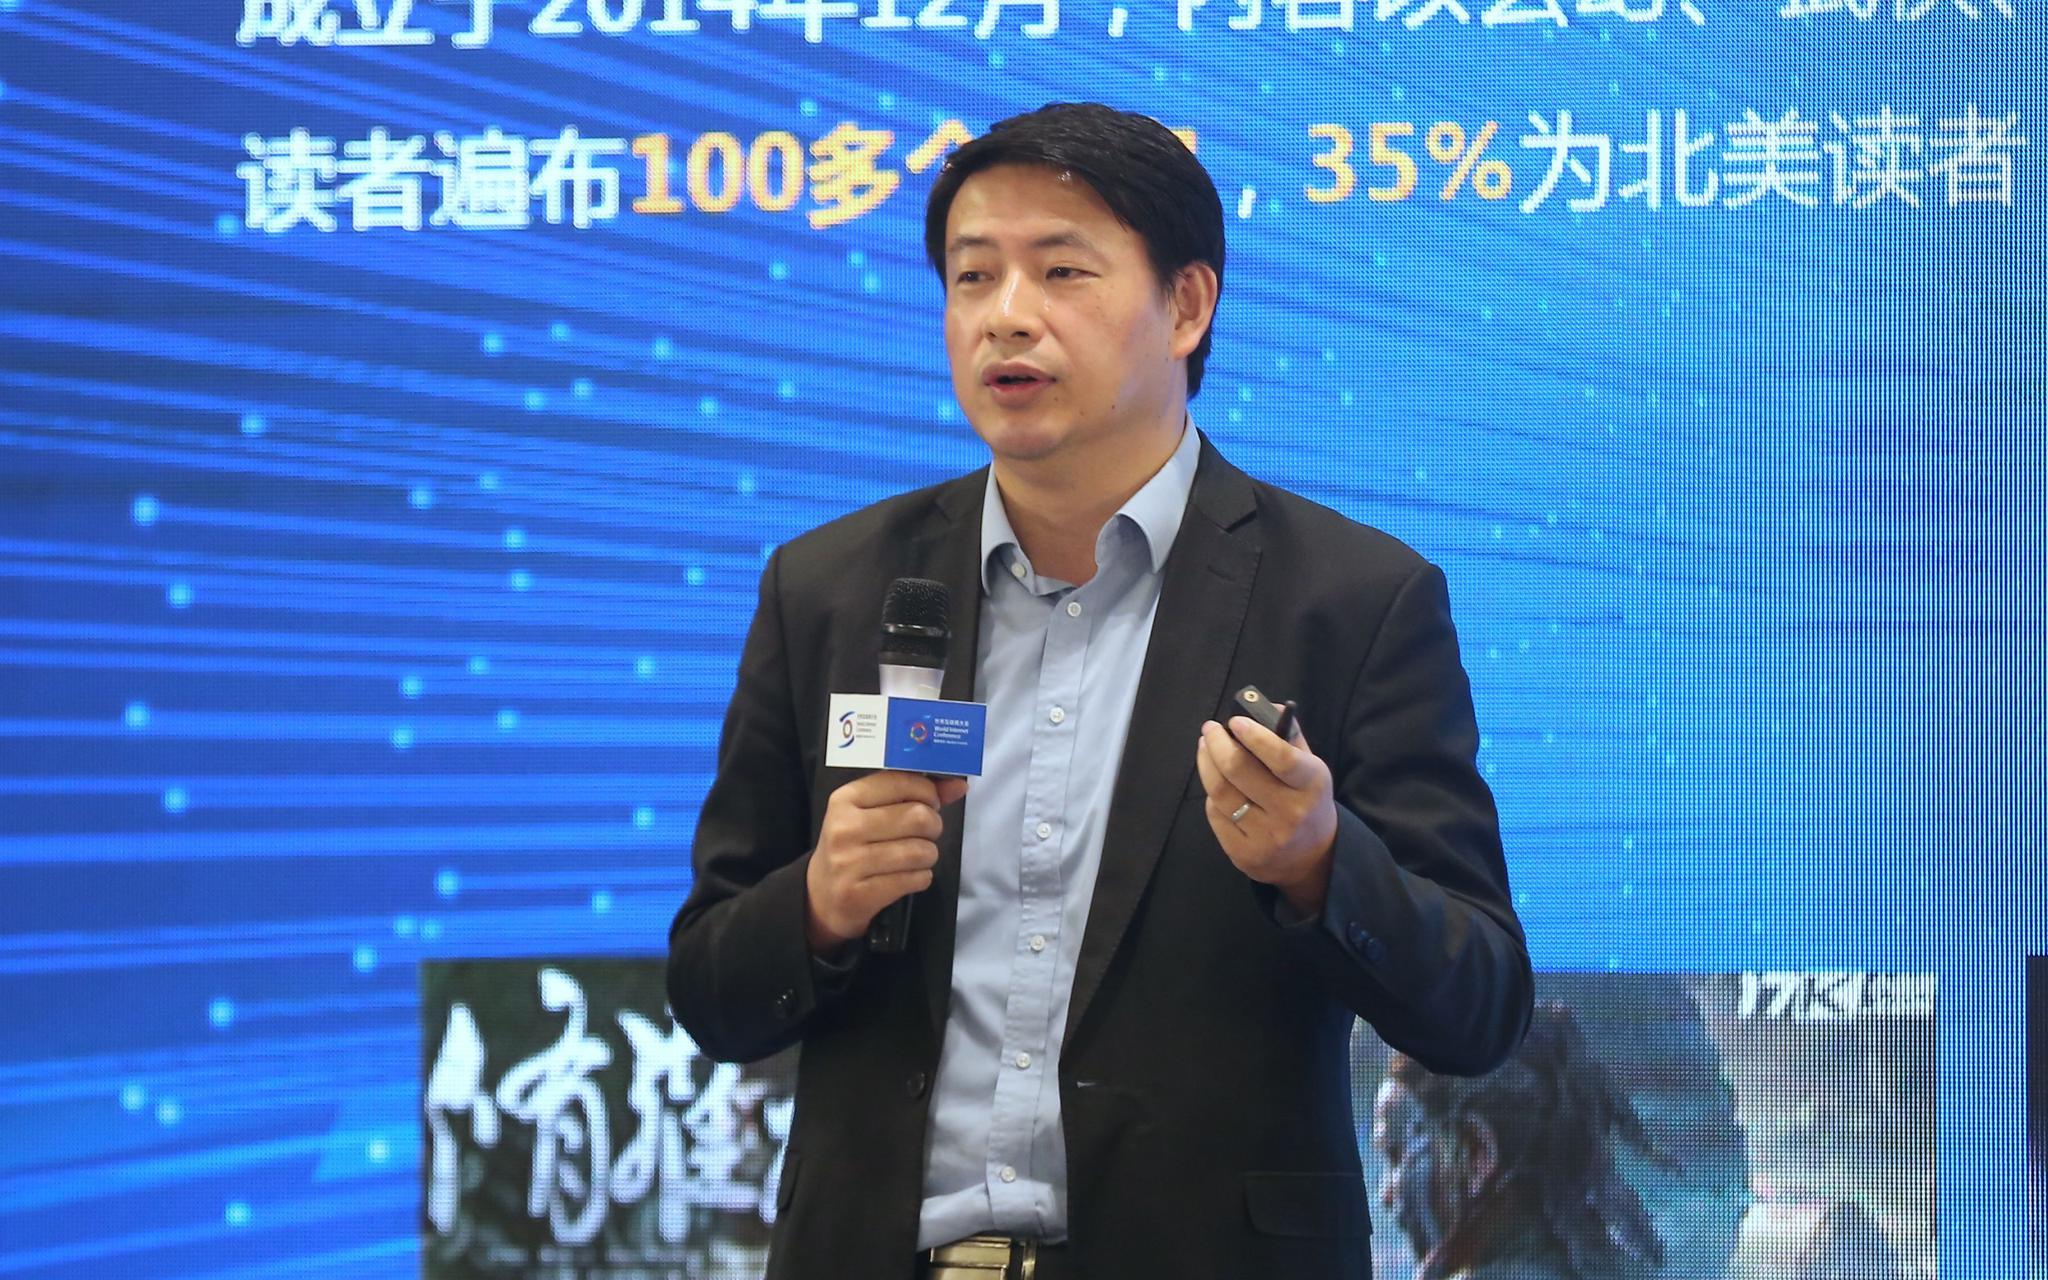 童之磊:中国网络文学是全球四大受关注文化现象之一